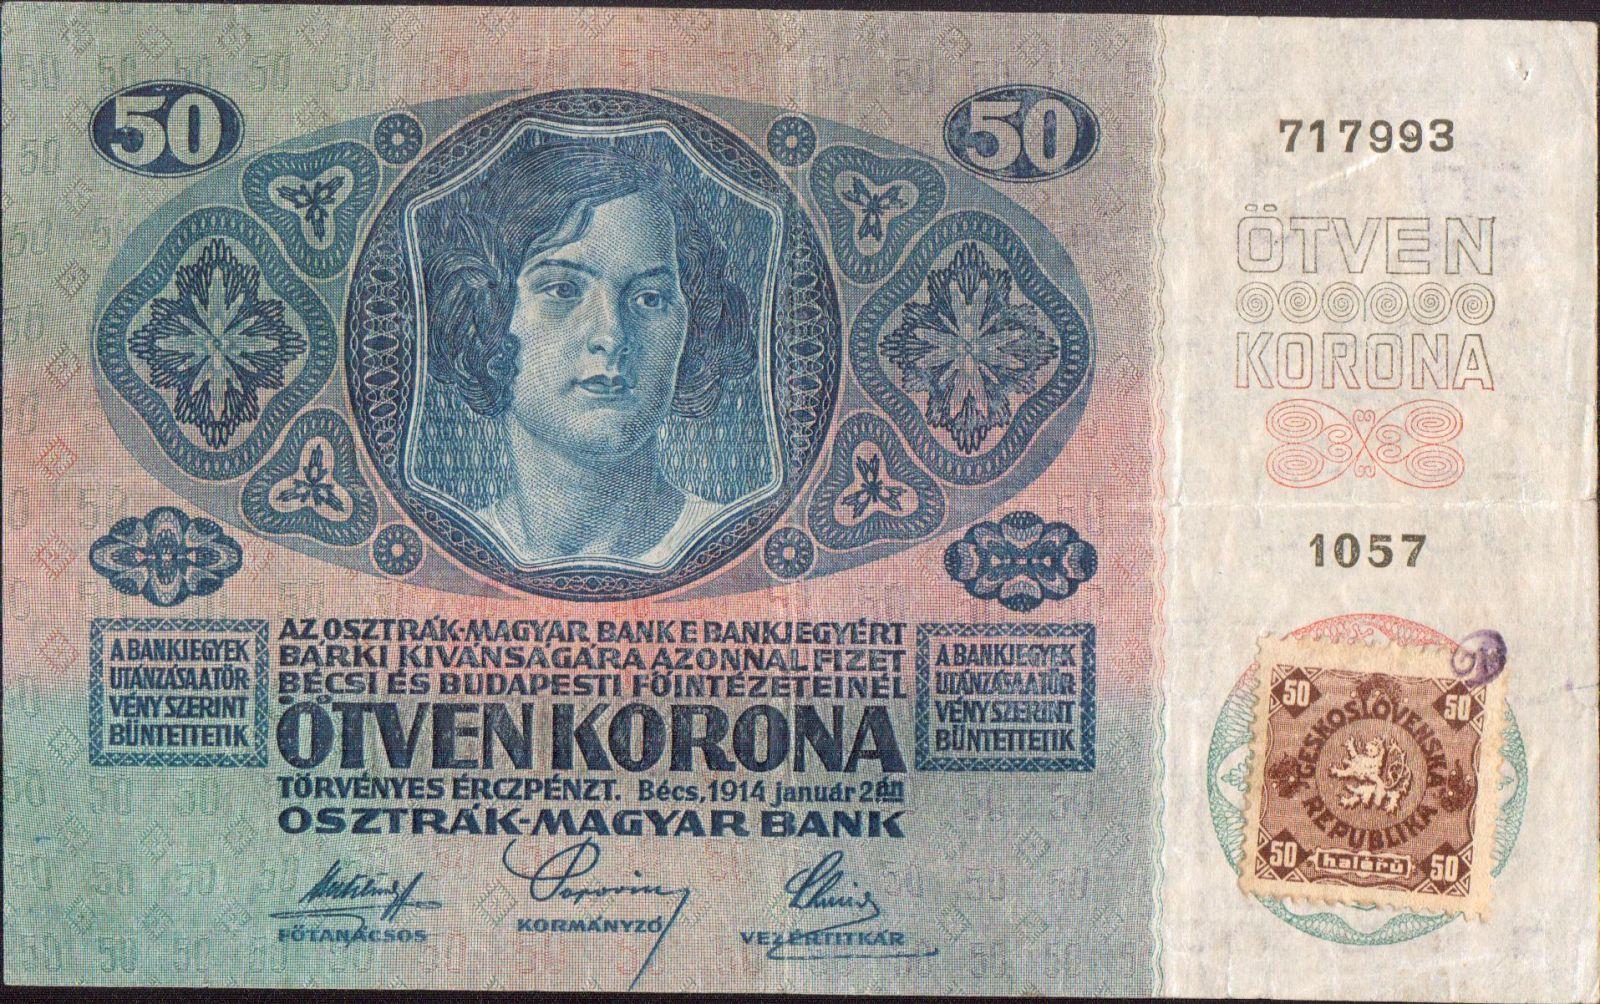 50Kč/1914-17, kolek ČSR/, stav 2-, série 1057, původní razítko označující pravost kolku - písmeno D